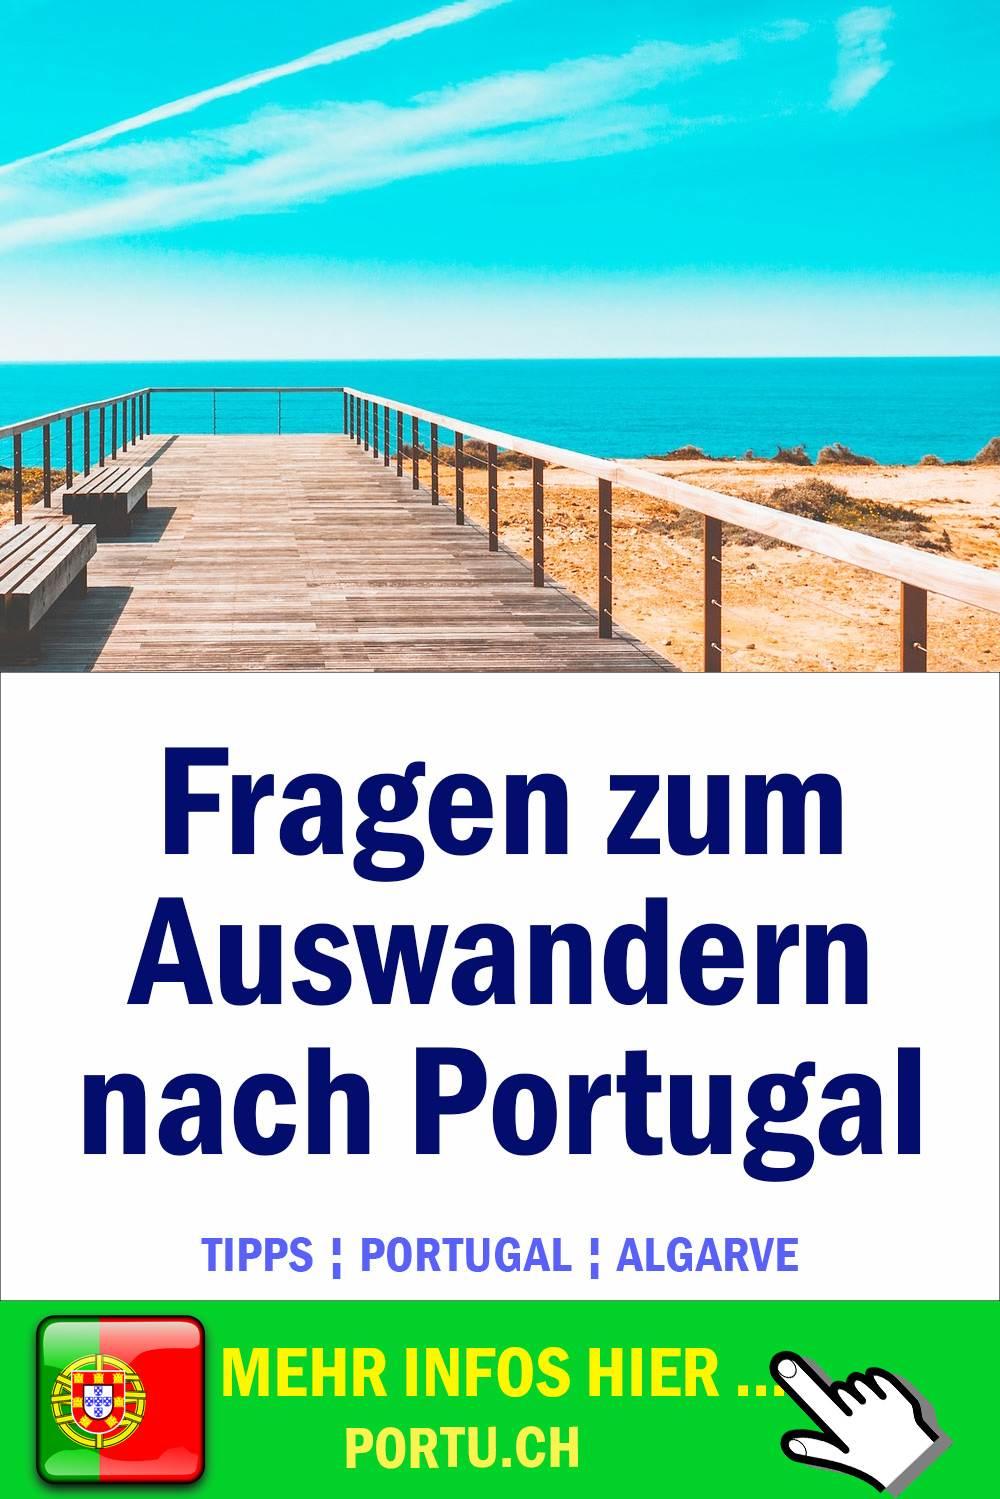 Fragen-zum-Auswandern-nach-Portugal